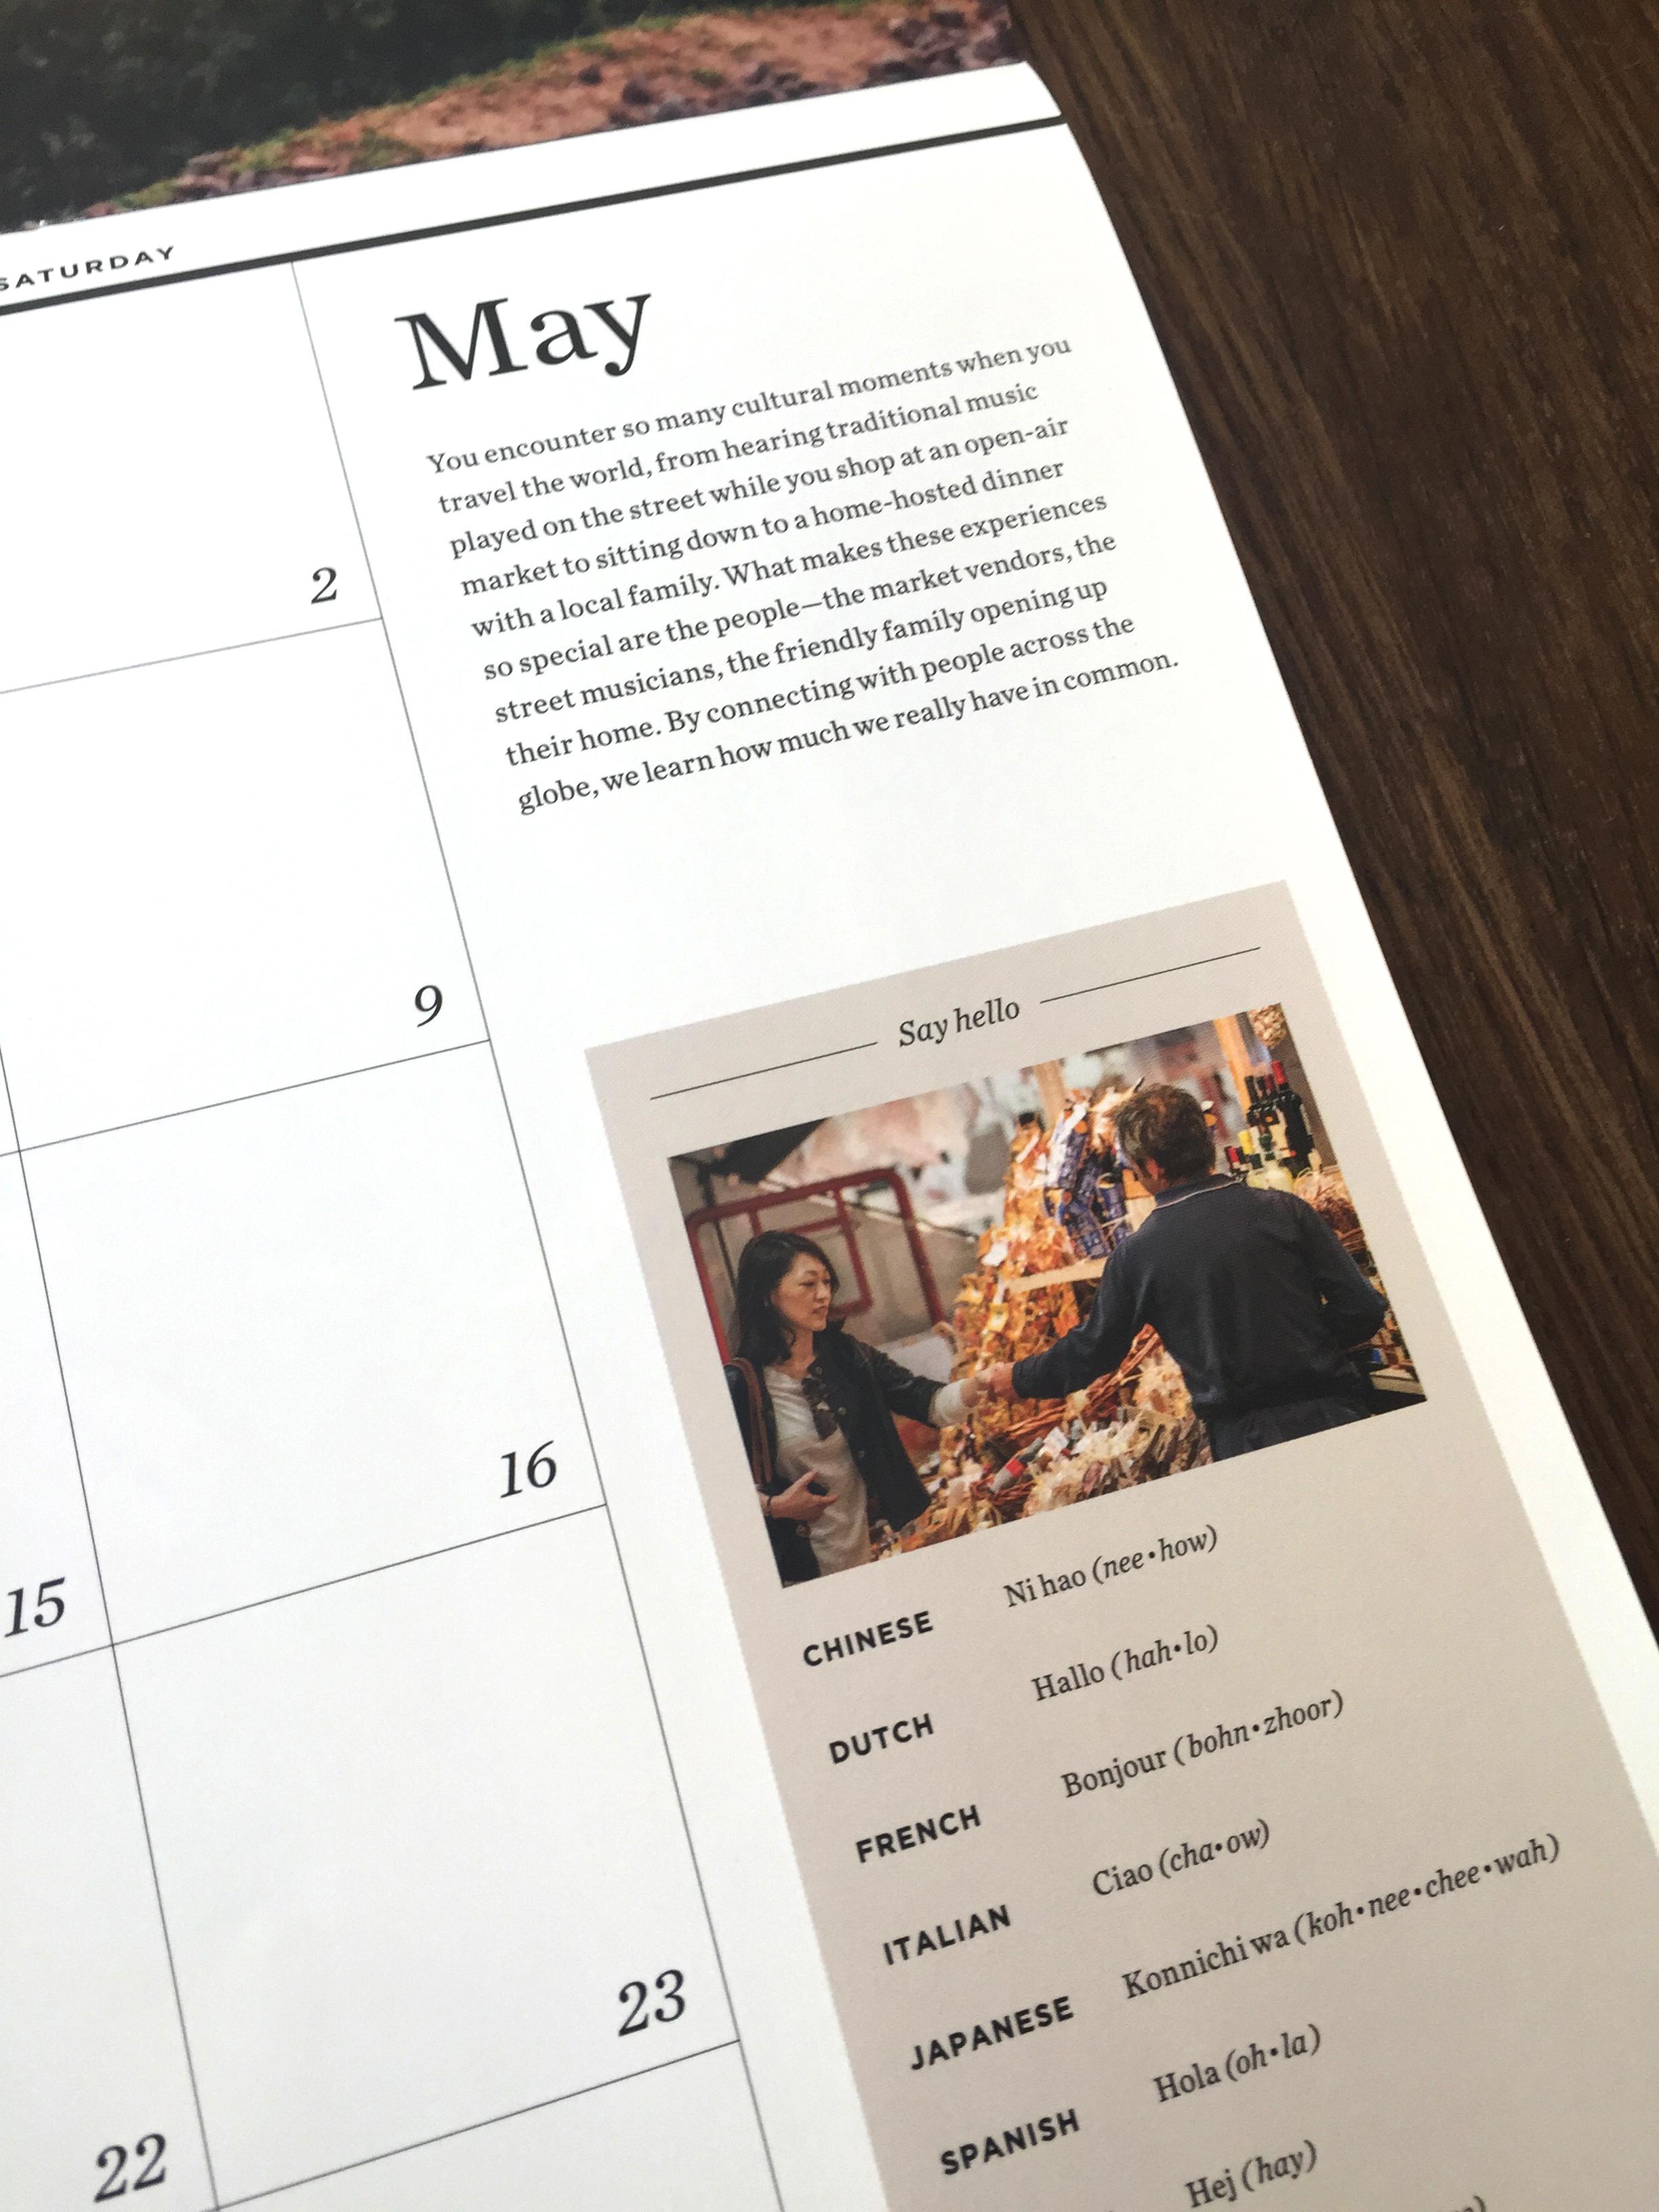 Calendar_May closeup 2.jpg